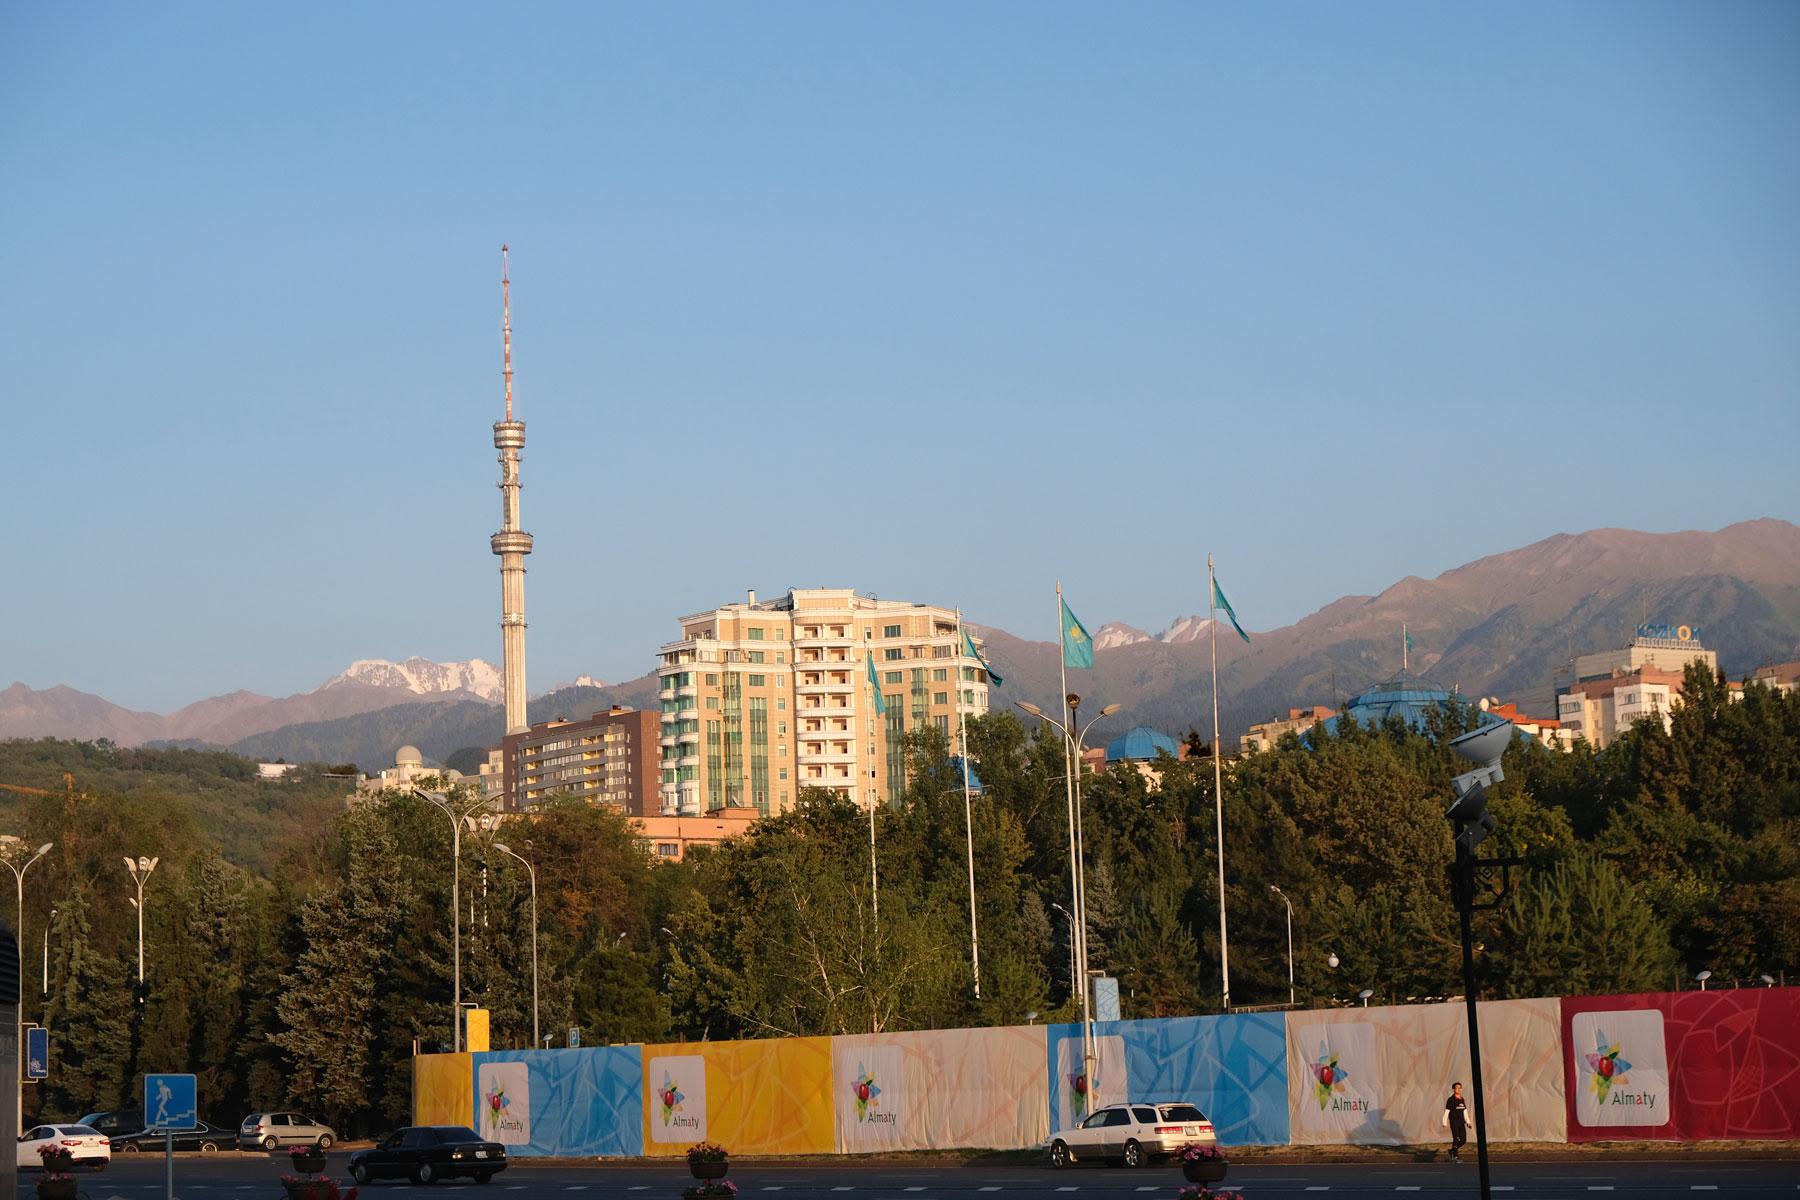 Fernsehturm in Almaty.